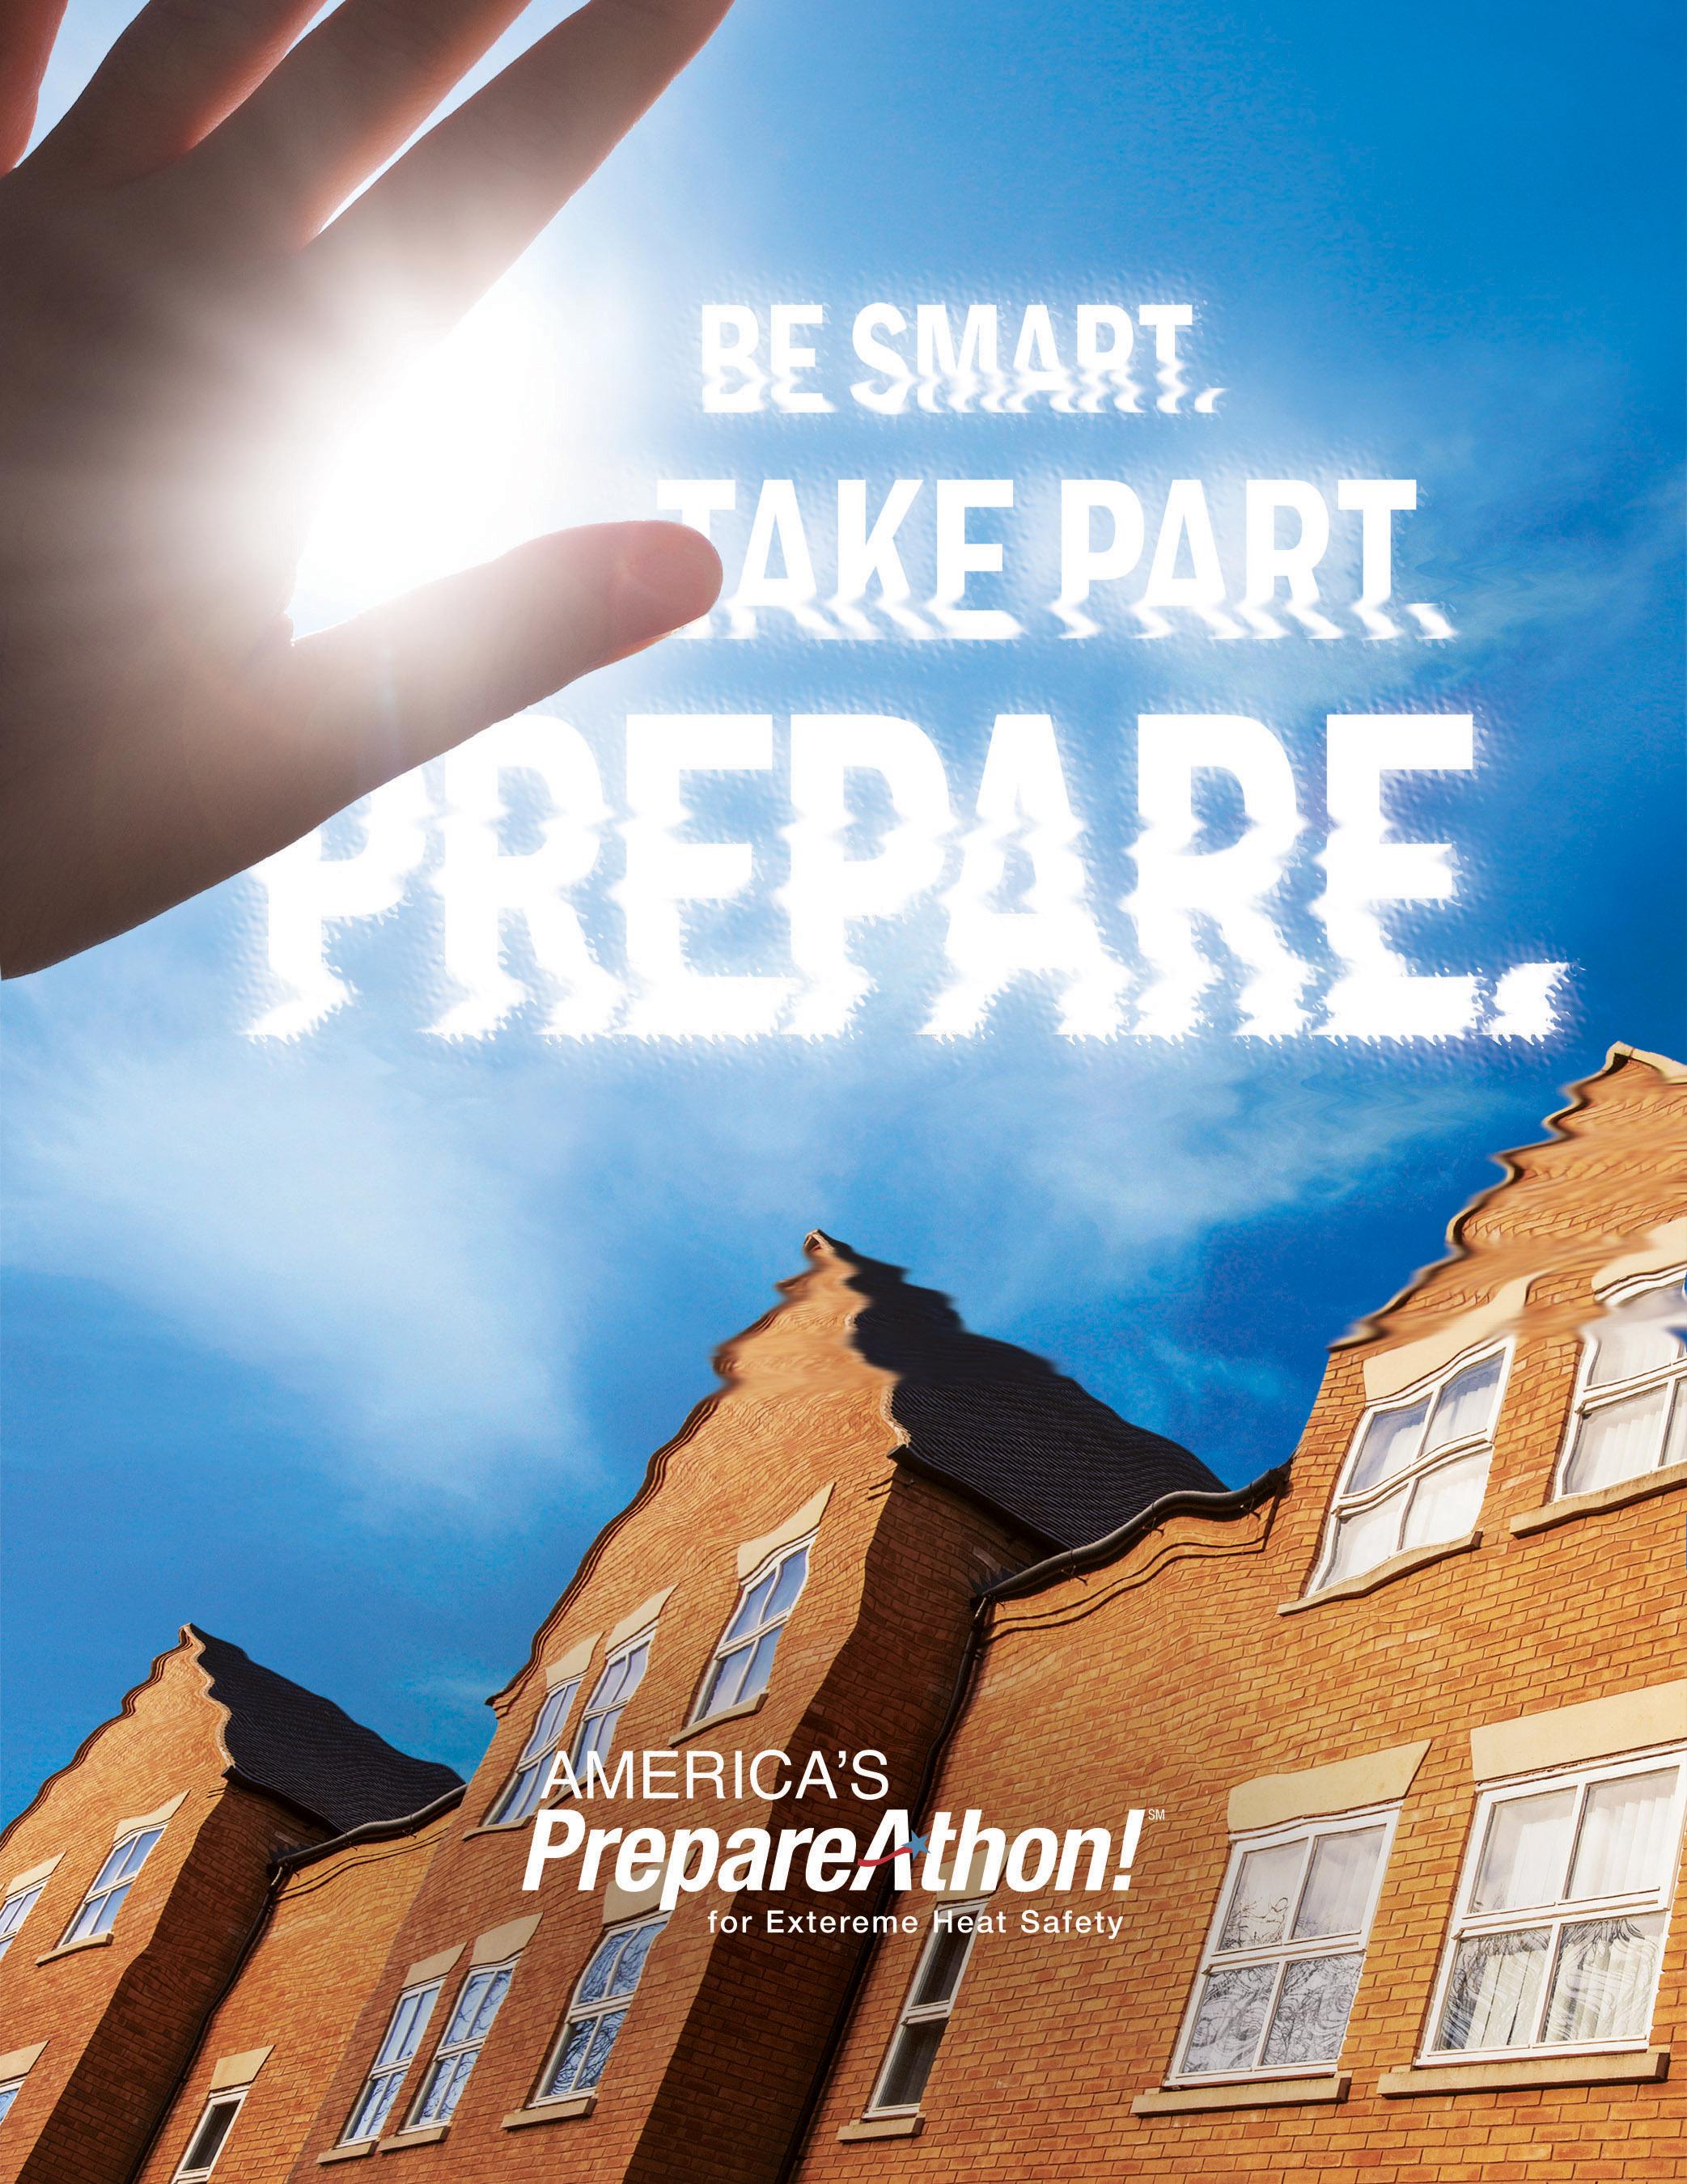 America's PrepareAthon! for Extreme Heat